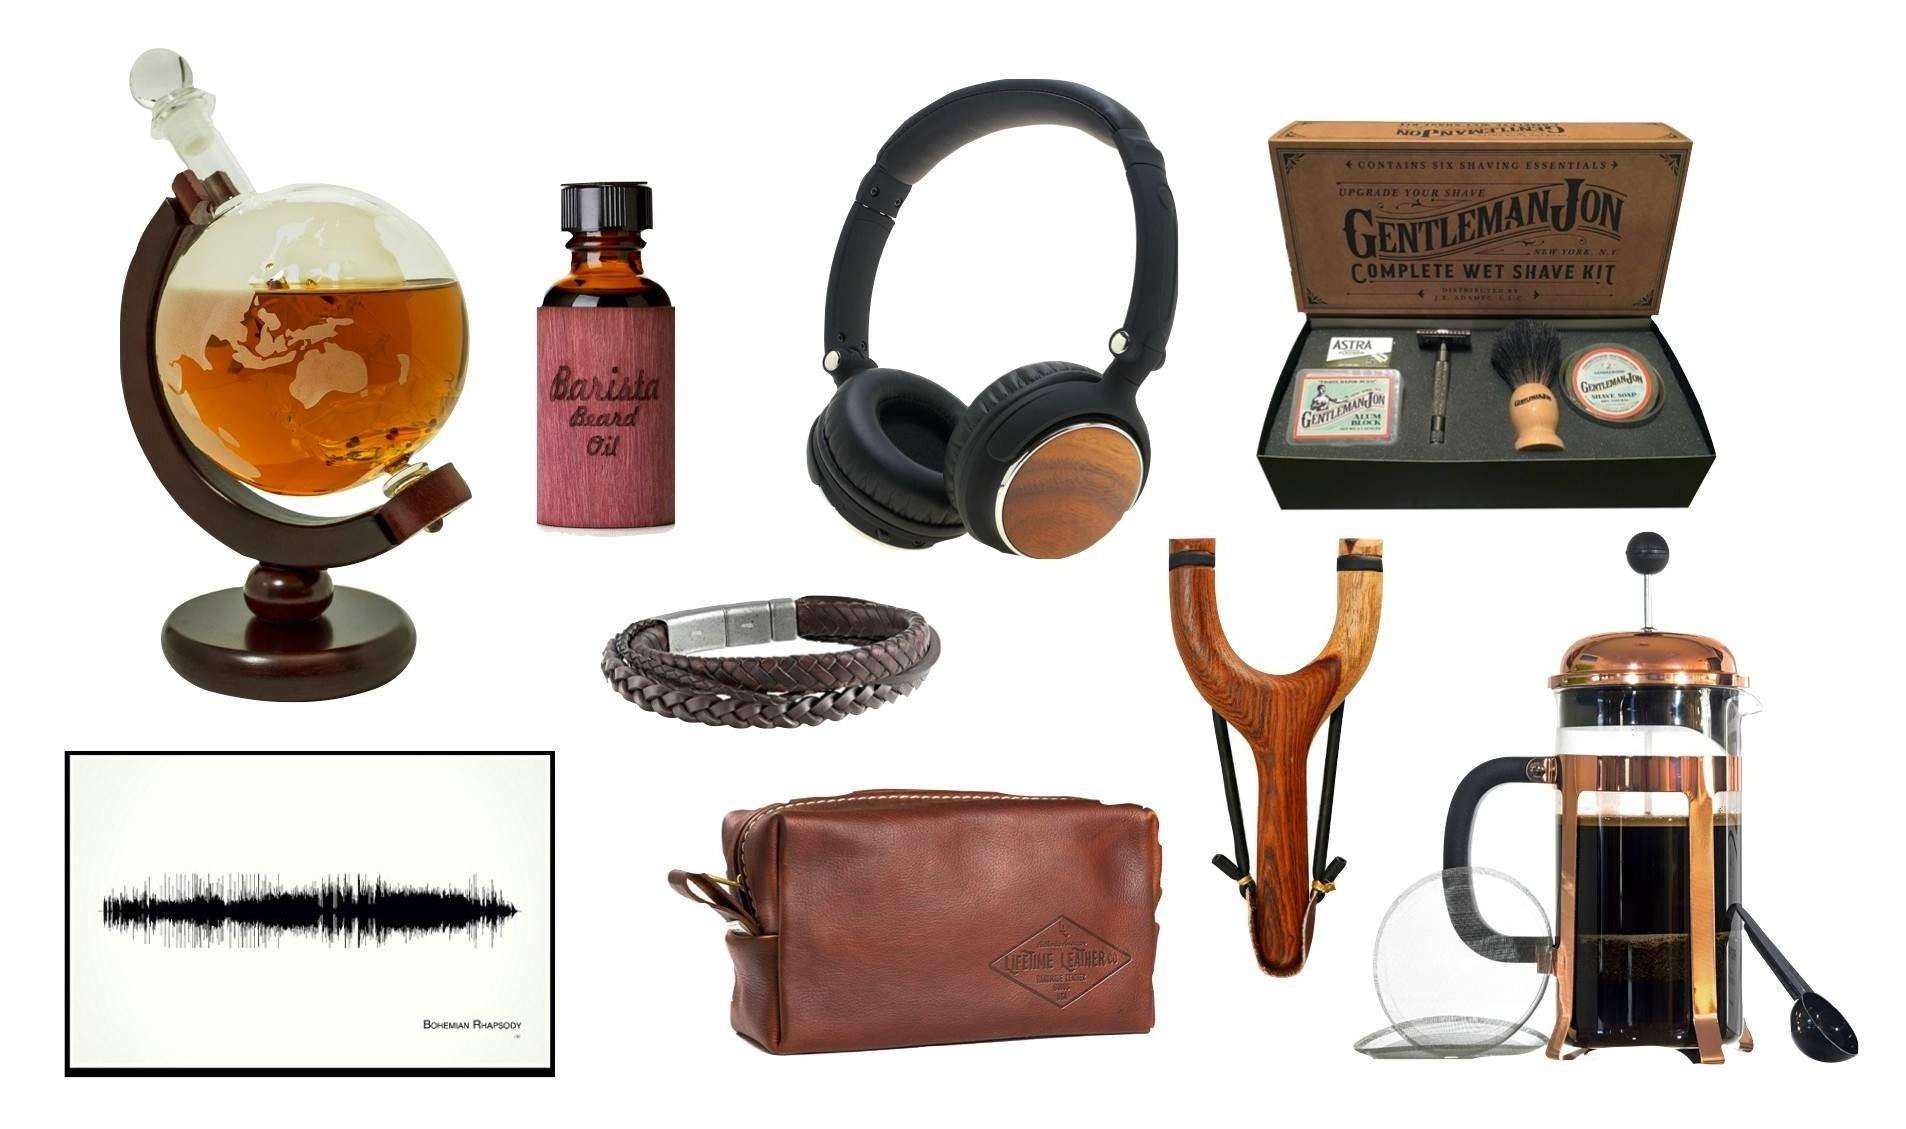 10 Pretty Great Gift Ideas For Men lovely design ideas great gifts for men creative 25 unique best him